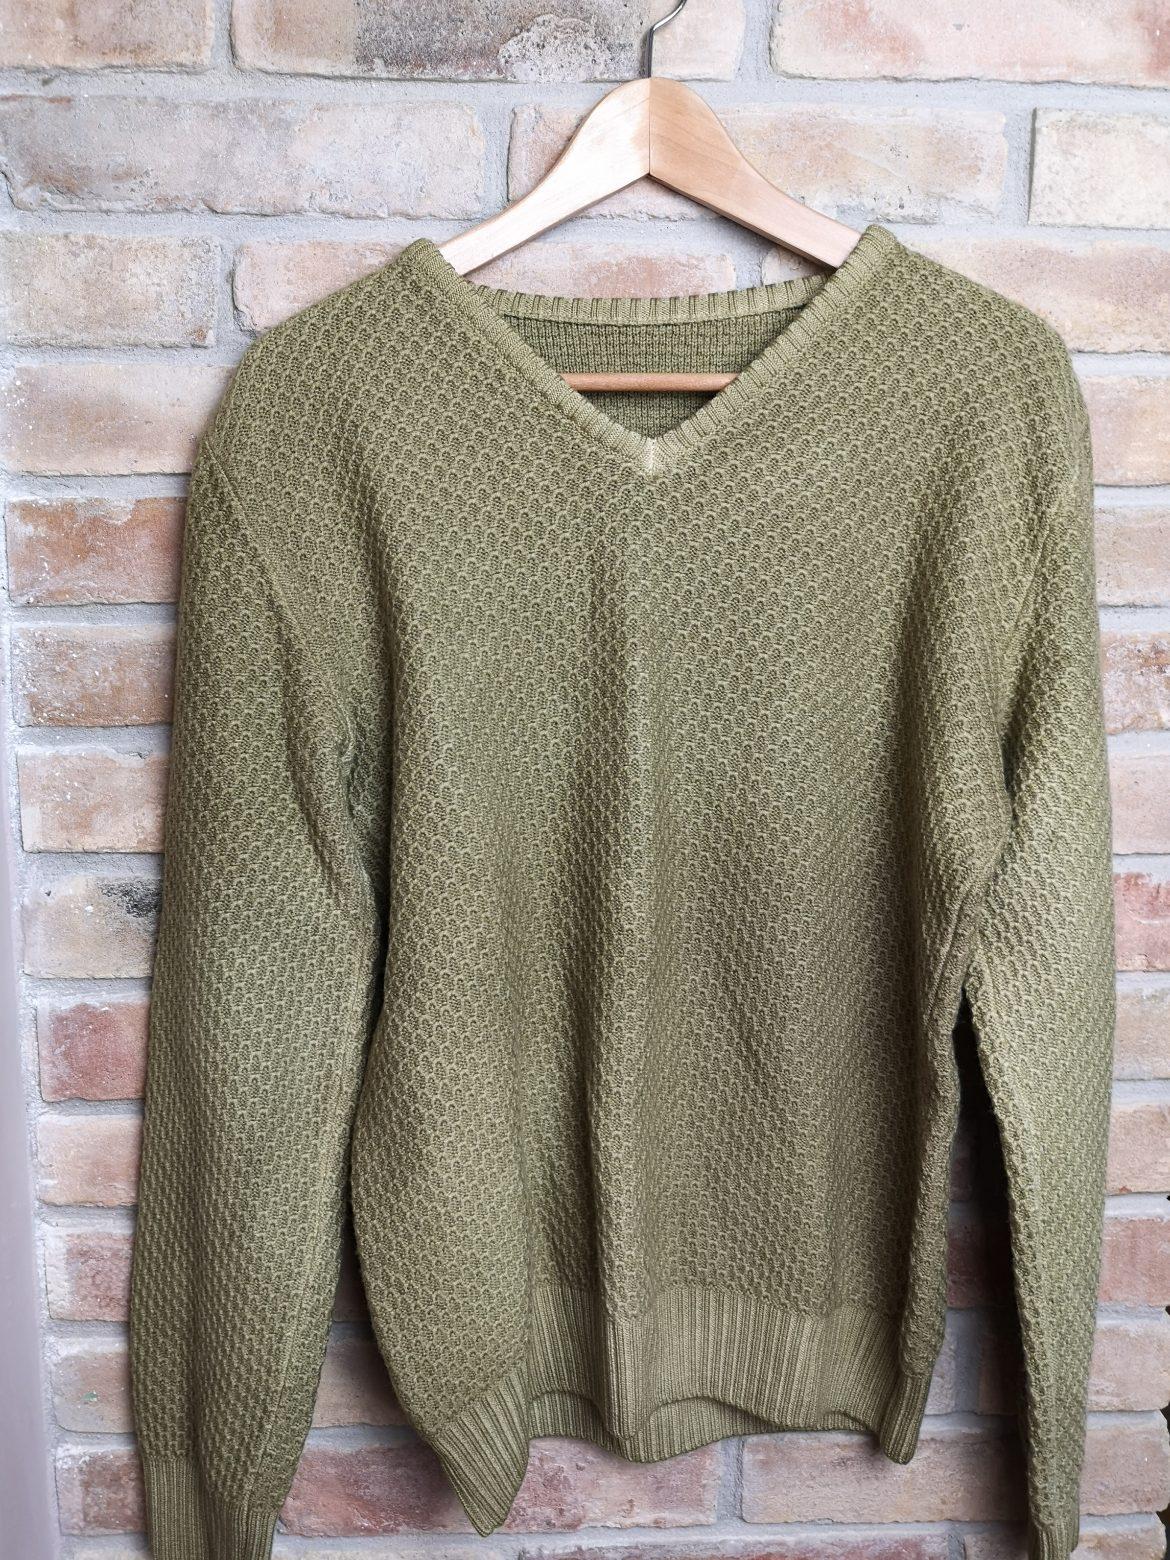 Regali di Natale 2020: idee regalo di Sogni di Cinzia, maglione verde tinto con piante tintorie